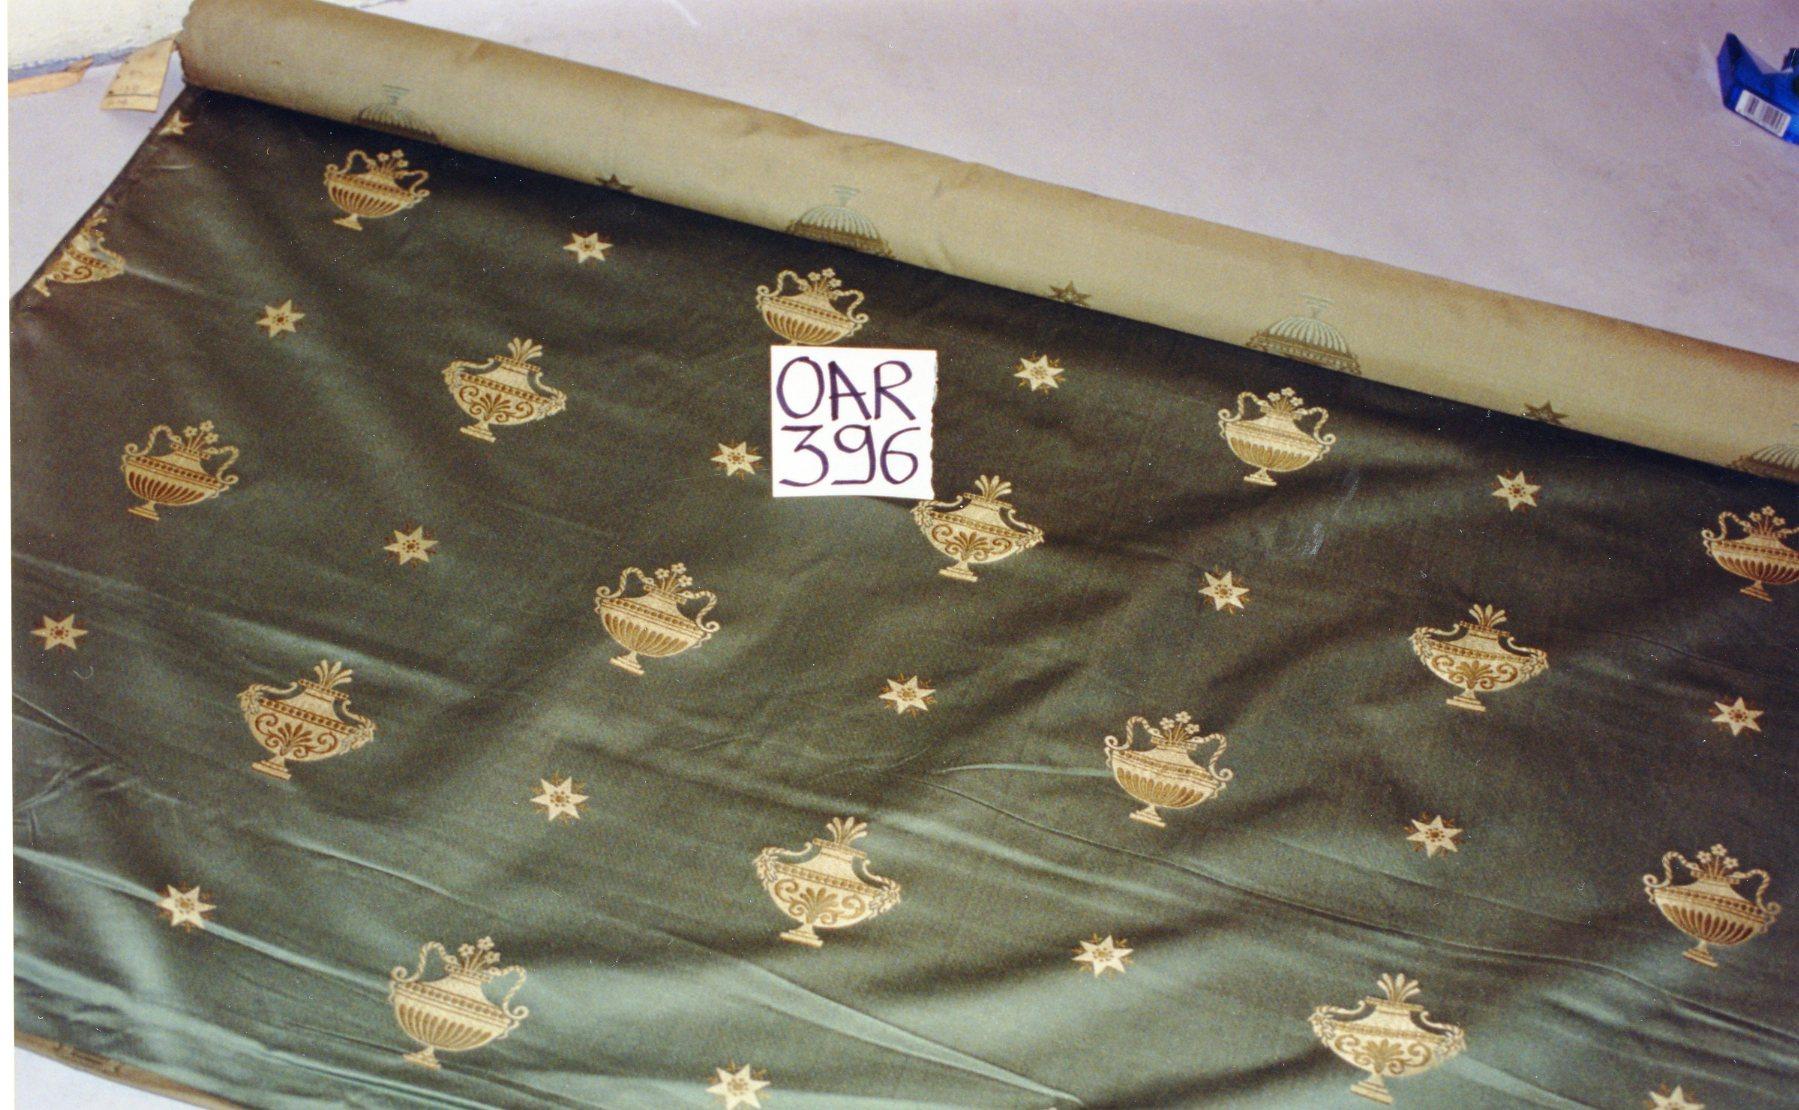 mnr/OAR00396/OAR396001.jpg